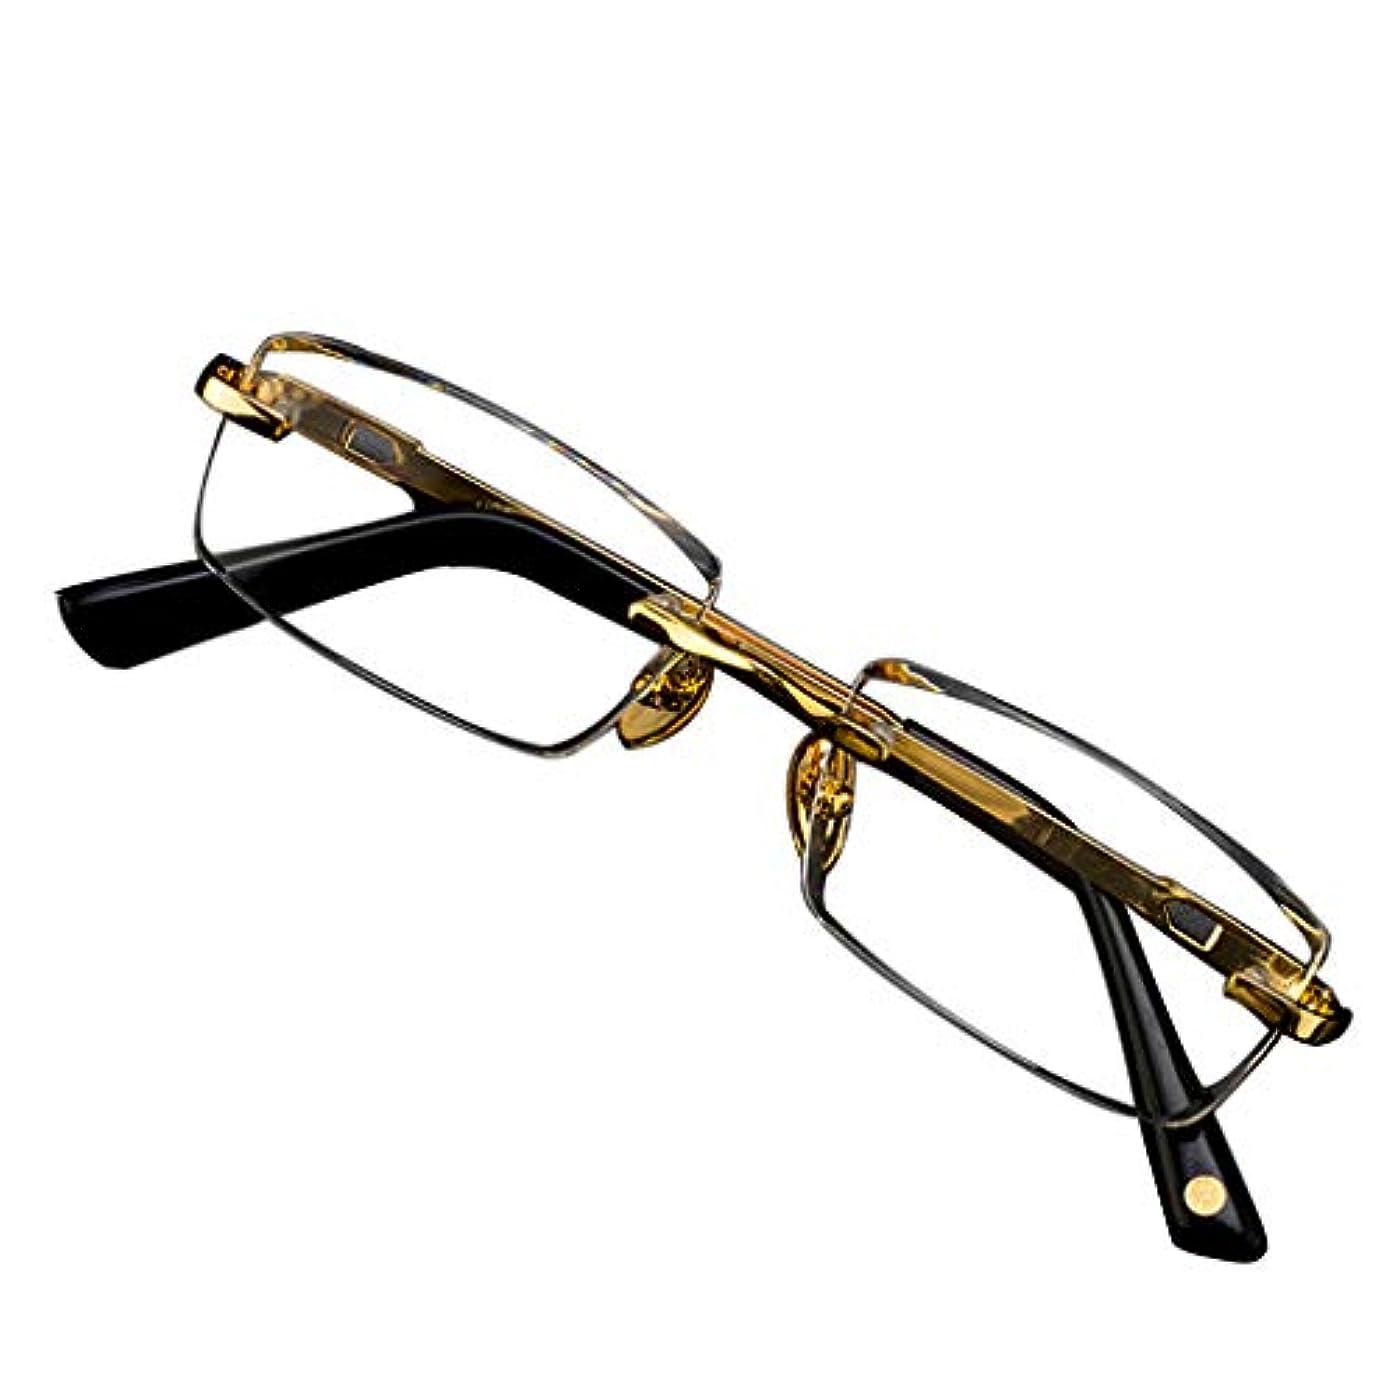 明るく便利なデザインのはっきりとした視界を持つ、メンズダイヤモンドトリミング用の老眼鏡長方形フレームレス読書疲労フィルター